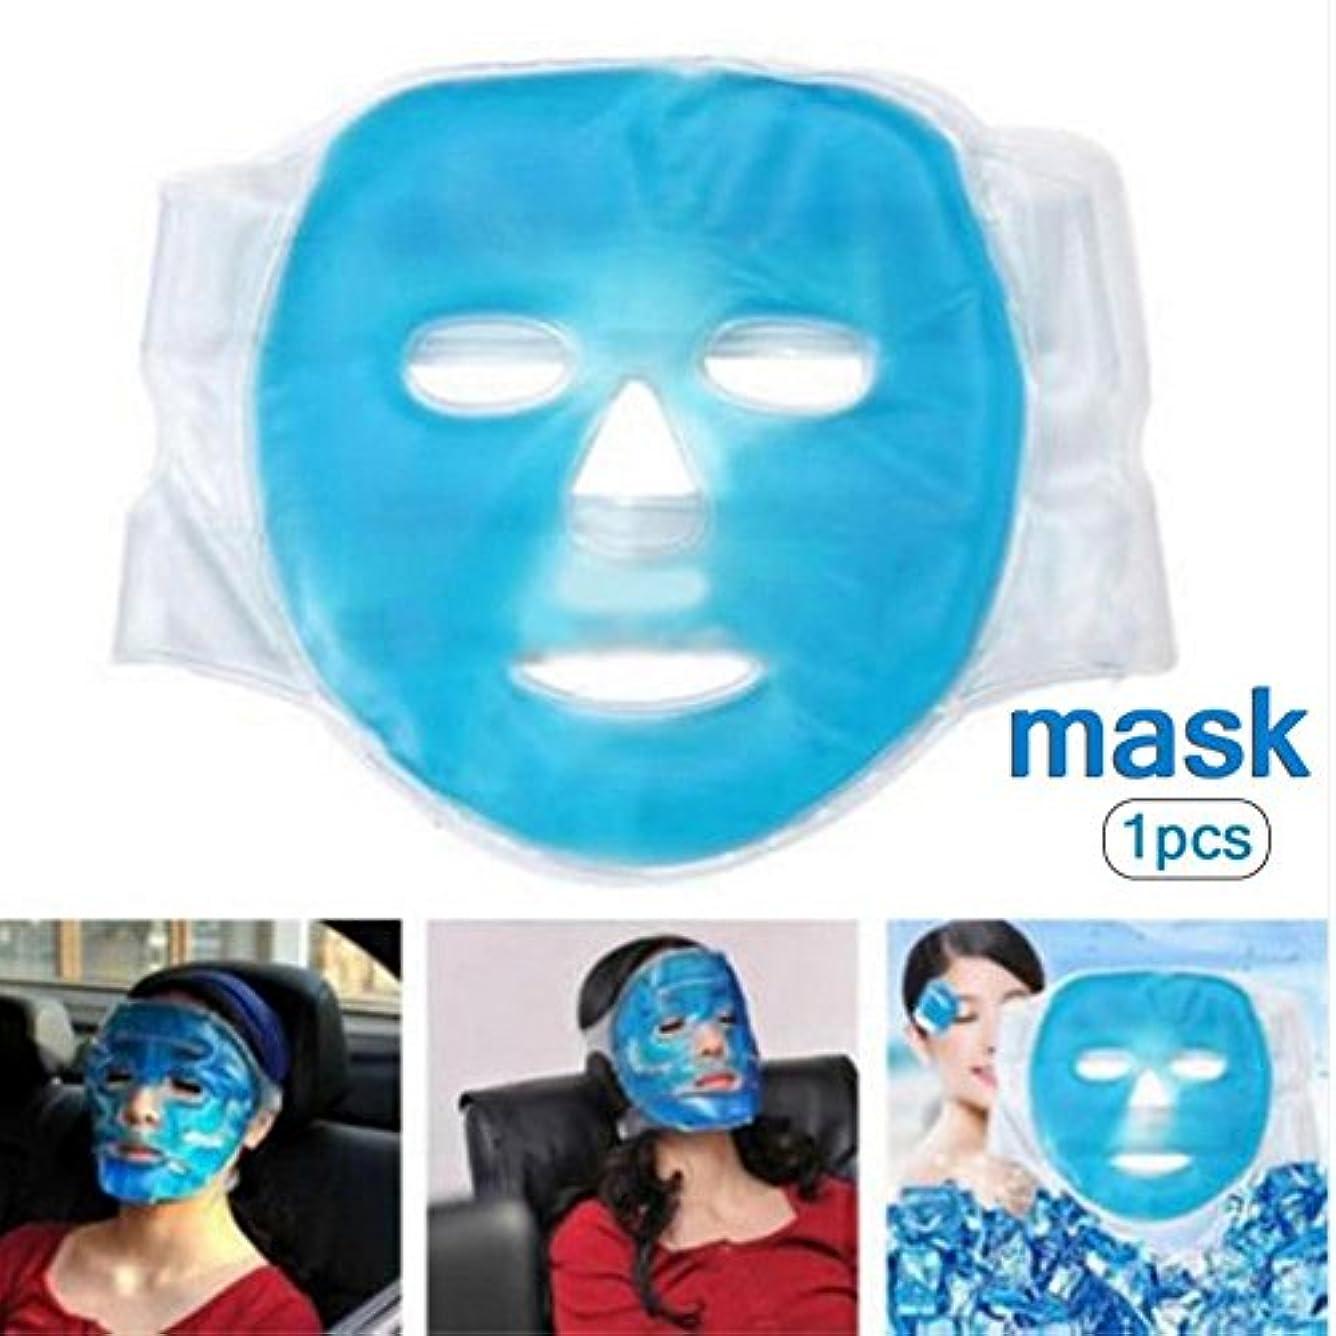 ブレスはねかける知覚するSILUN フェイスマスク 冷温兼用 美容用 再利用可能 毛細血管収縮 肌ケア 保湿 吸収しやすい 美容マッサージ アイスマスク